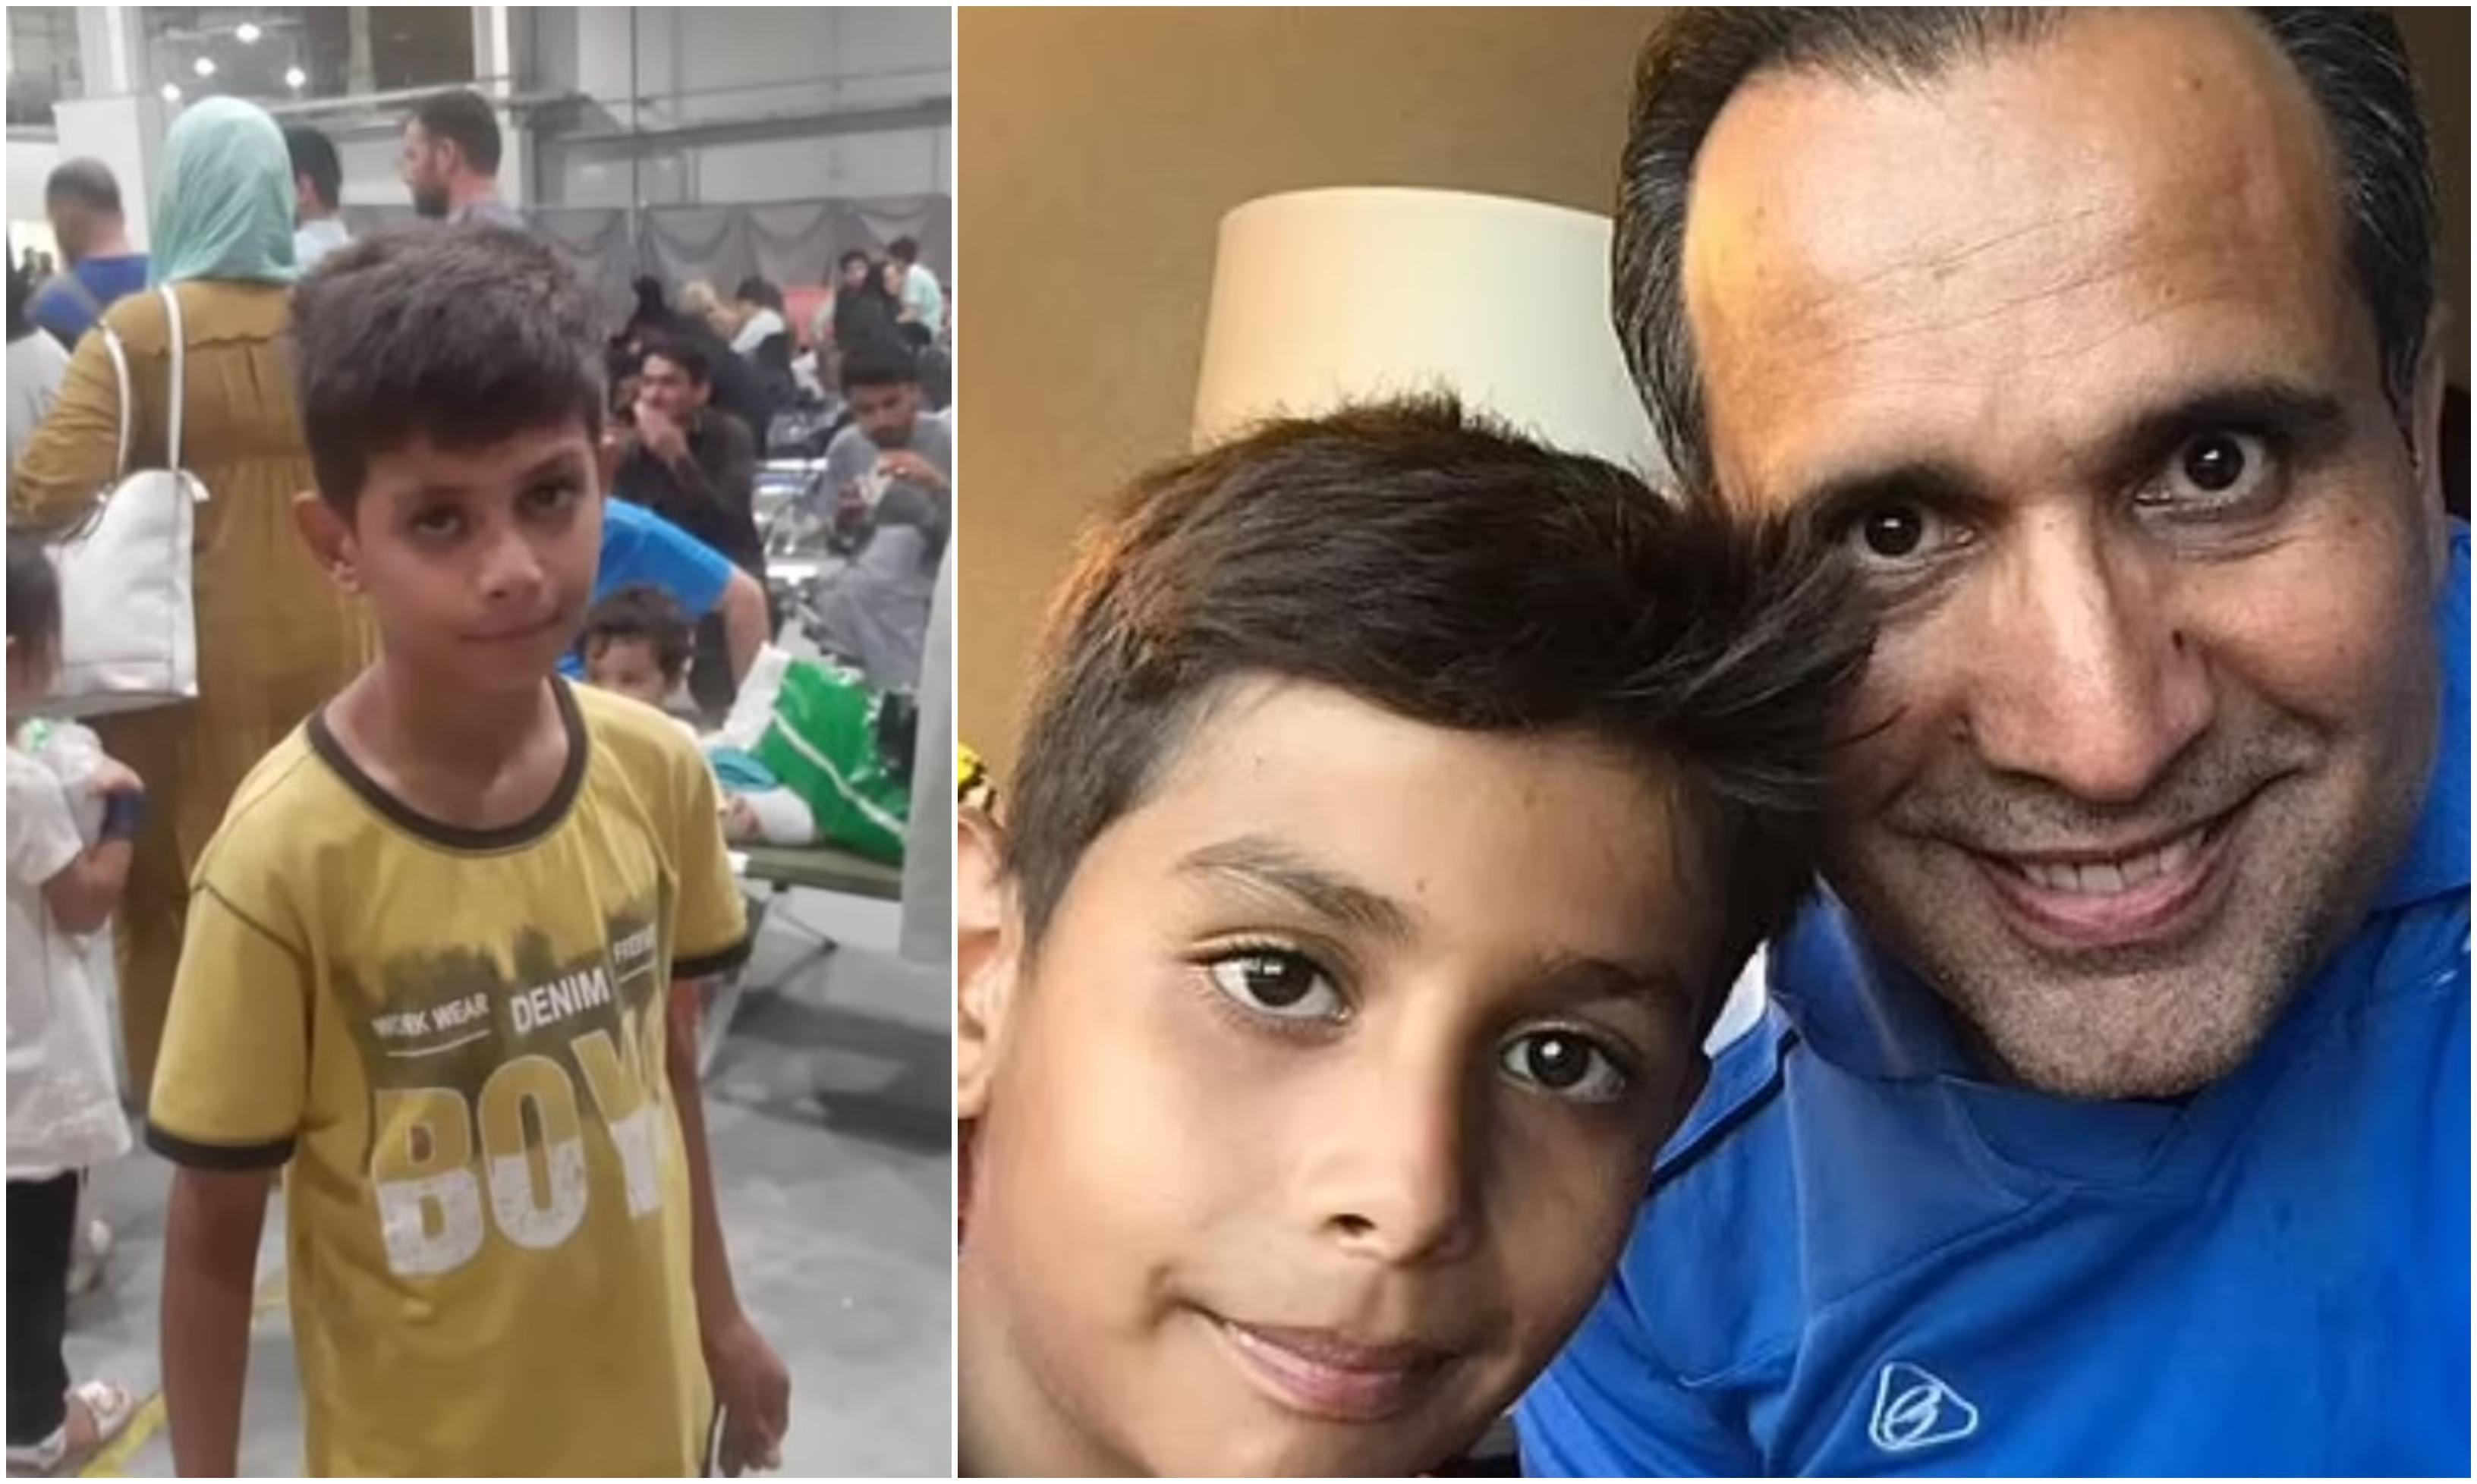 Un băieţel afgan a călătorit 12 zile de la Kabul pentru a-și întâlni părinții adoptivi